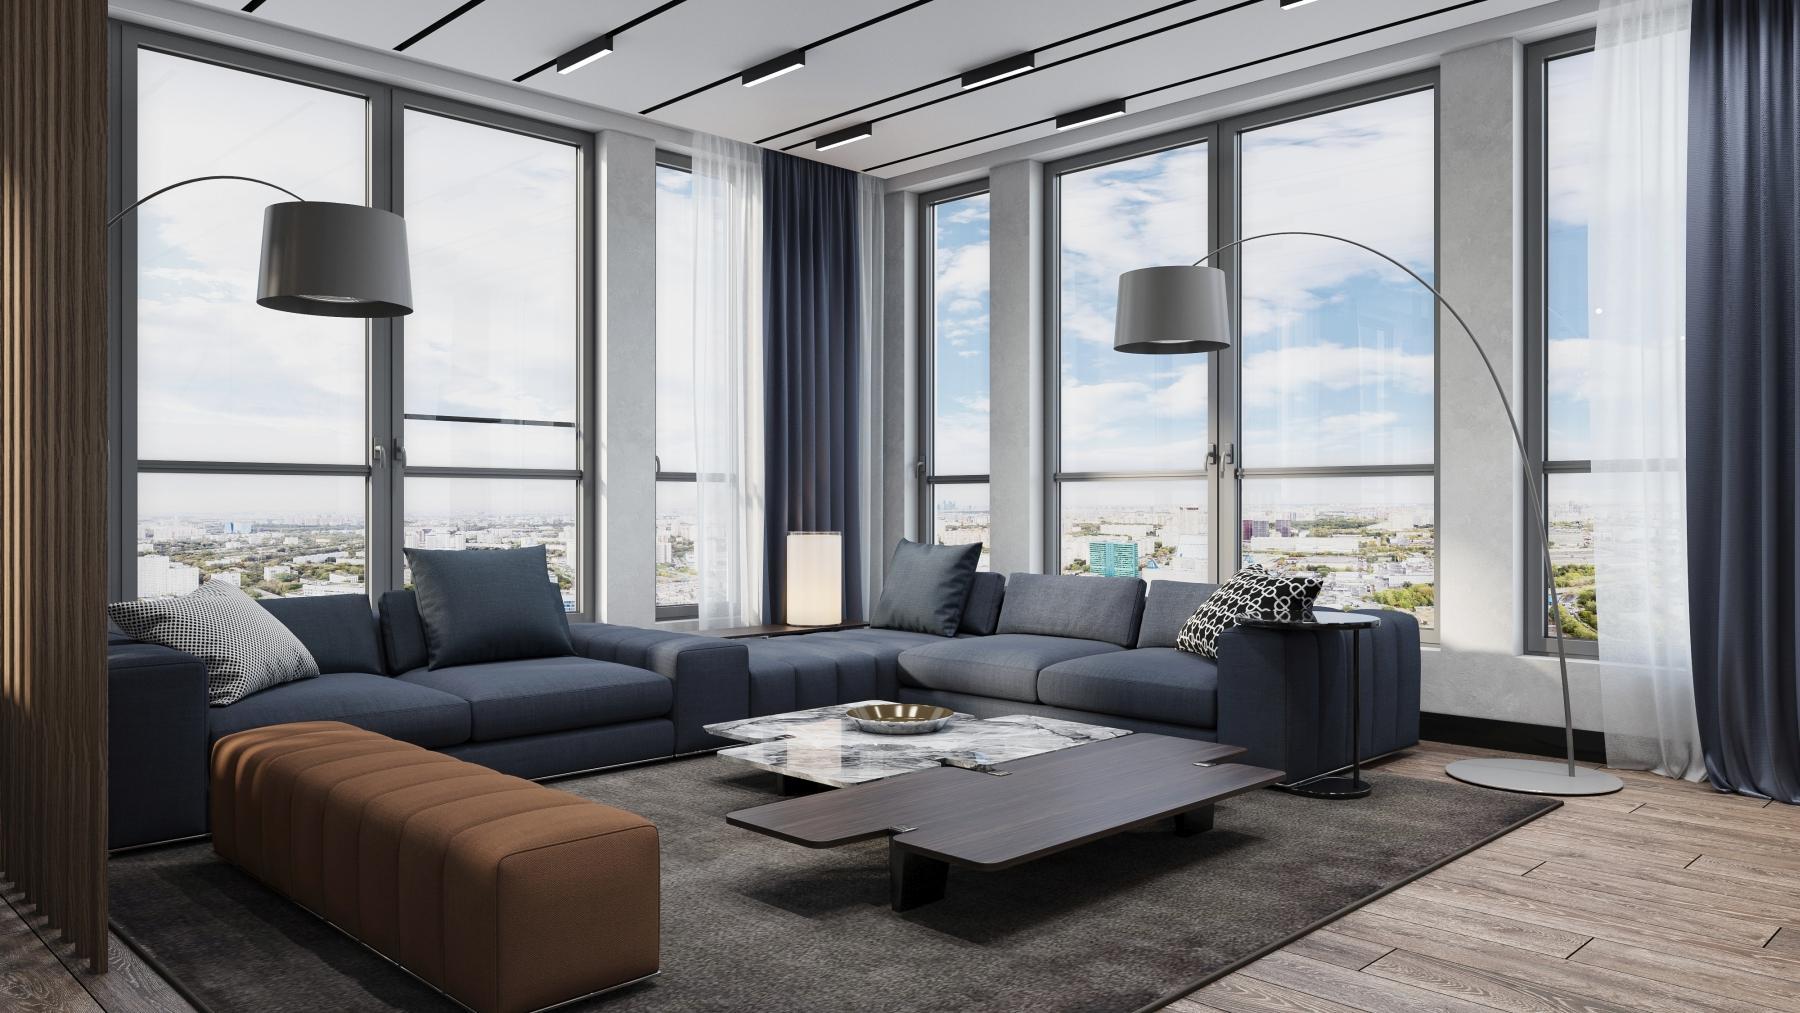 Как правильно выбрать и купить квартиру бизнес-класса в СПб